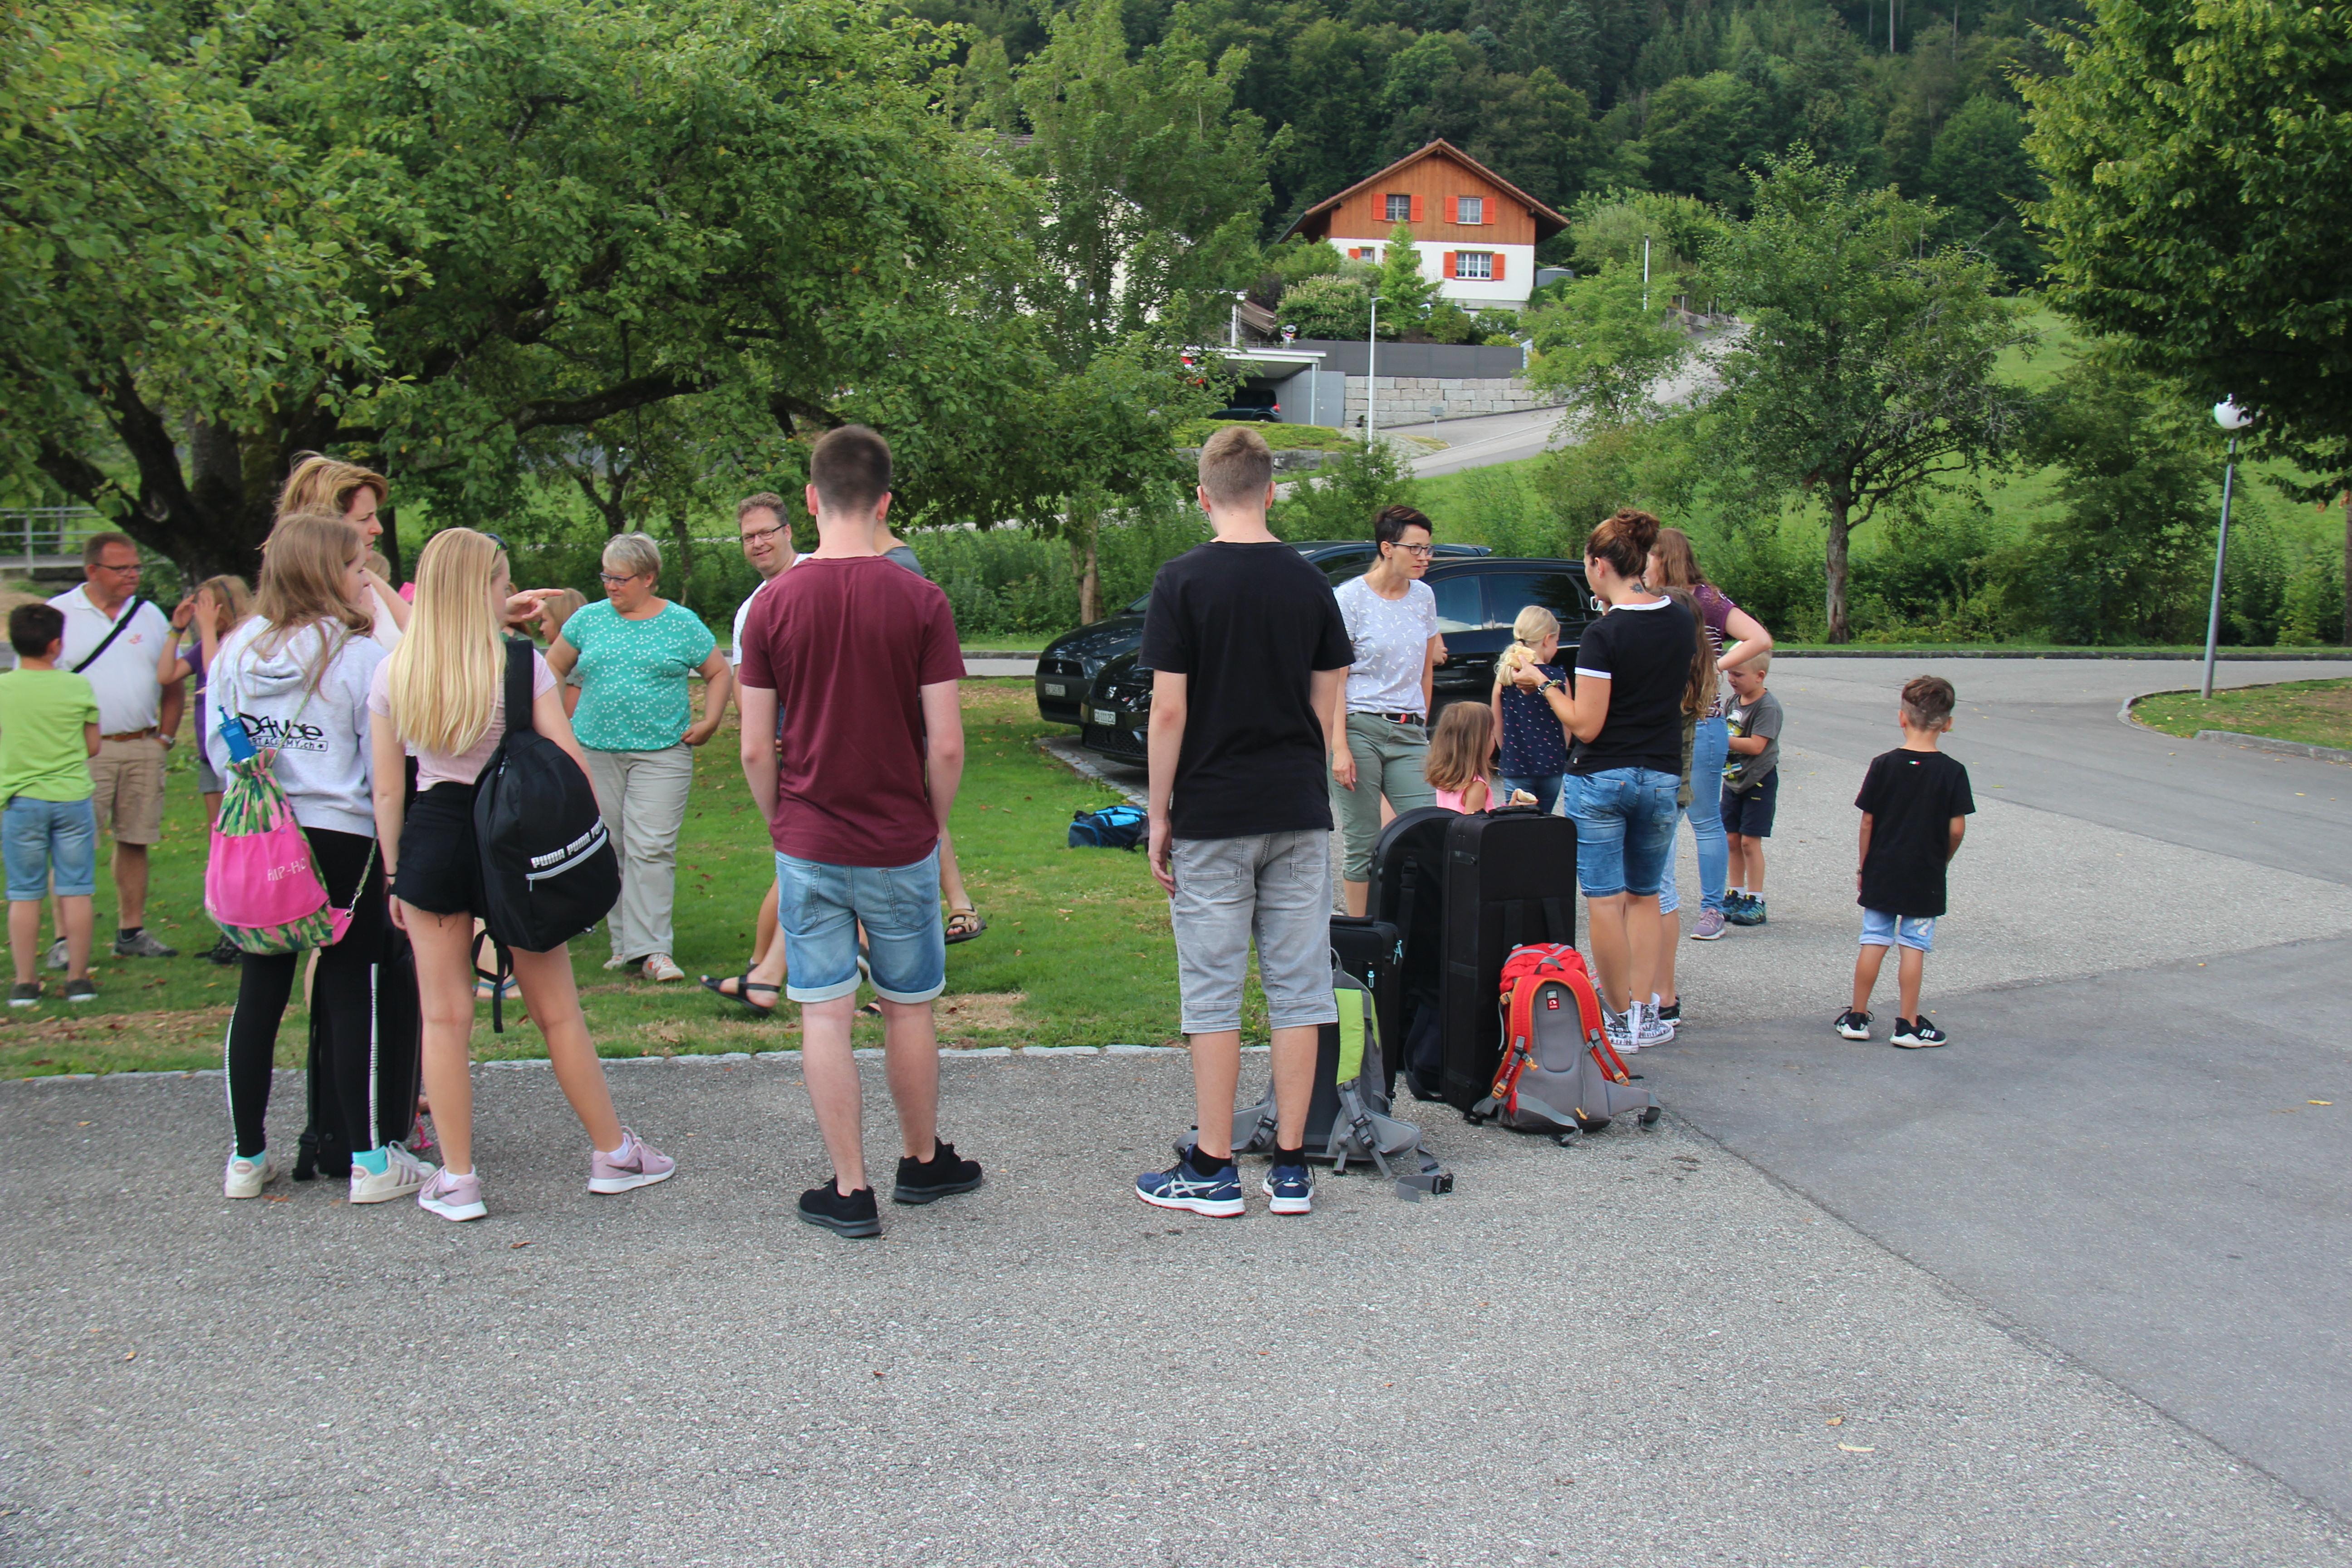 Jugendspiellager Zwischenflüh